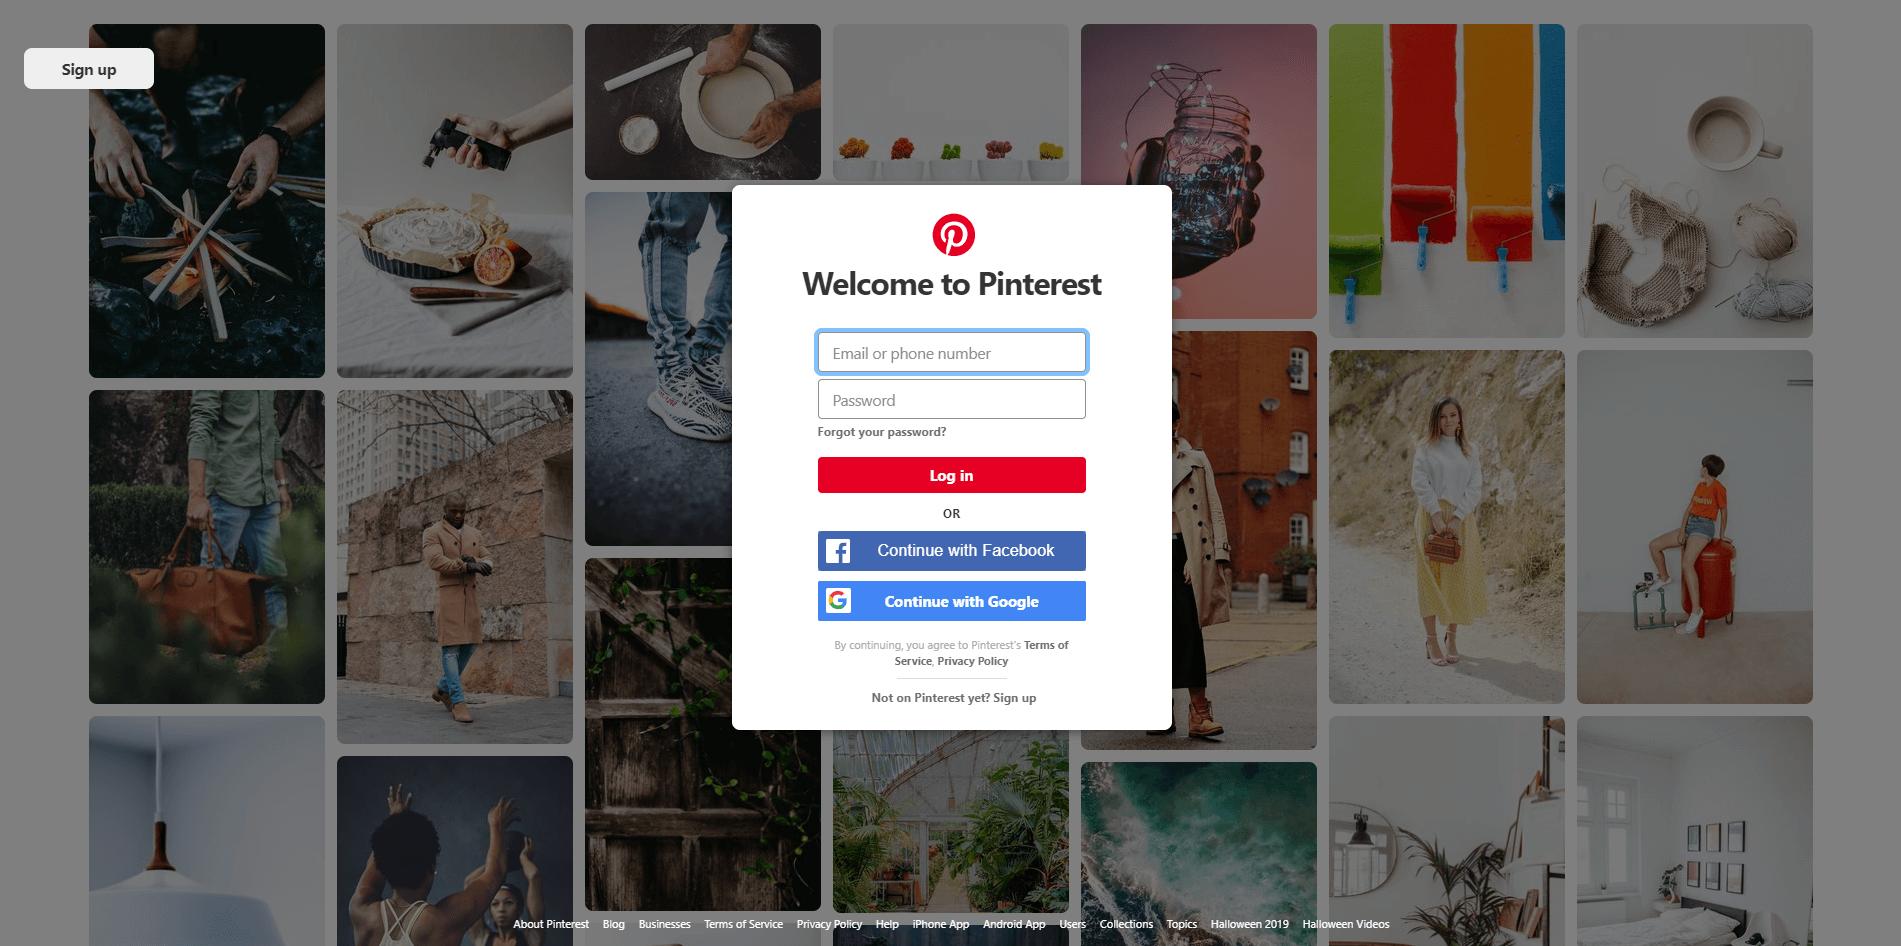 9. Pinterest